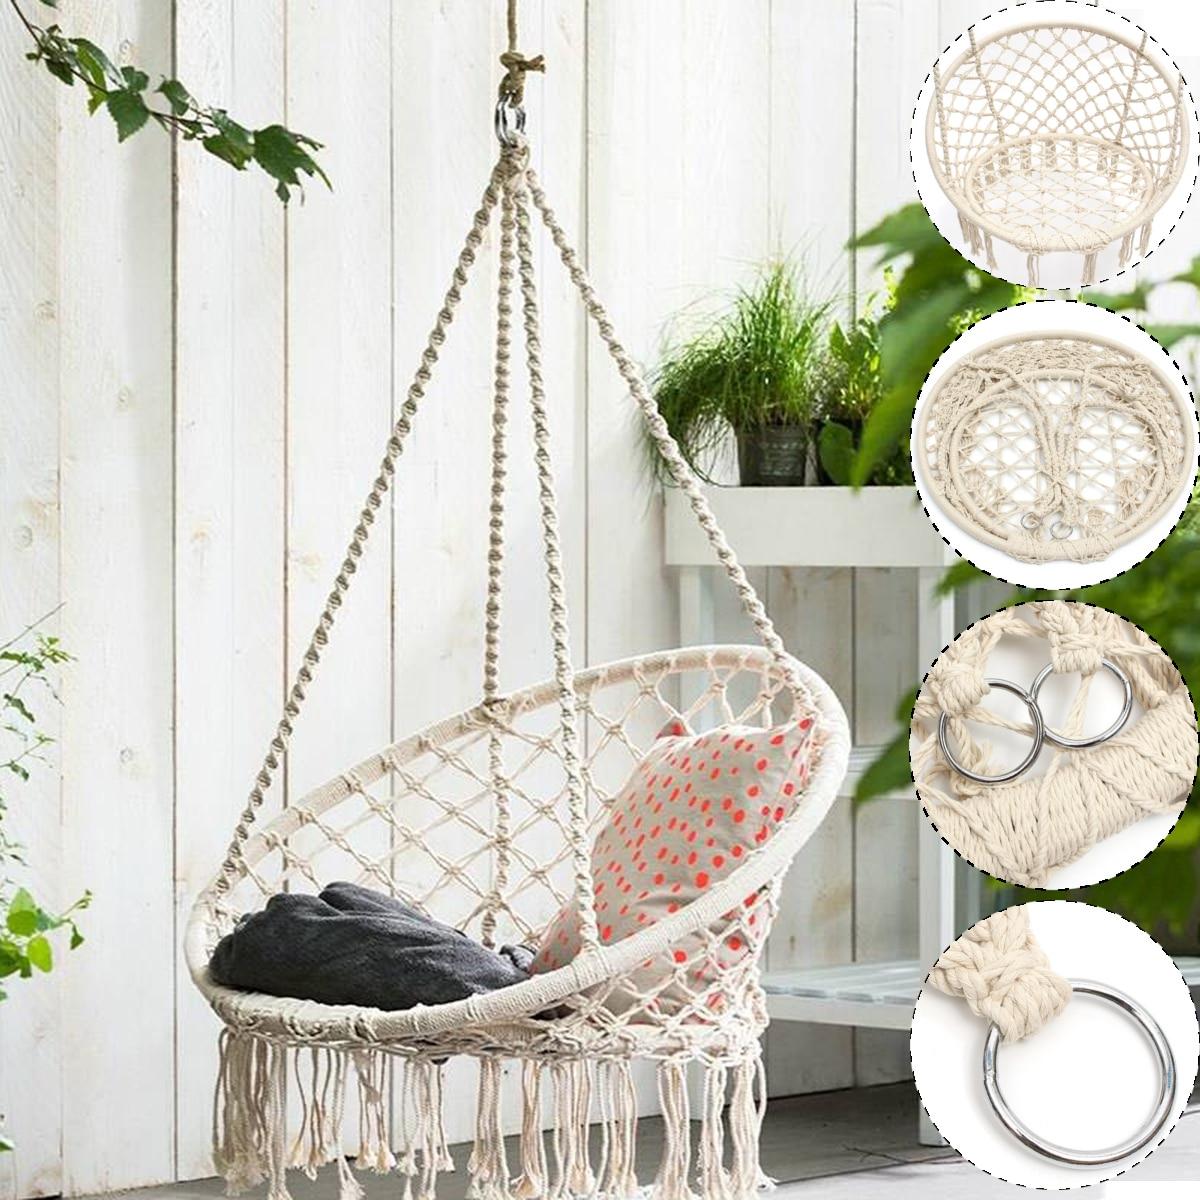 Nordic bawełny liny krzesło wiszące ręcznie dzianiny kryty odkryty dzieci łóżko-huśtawka dorosłych huśtawka wiszące krzesło hamak